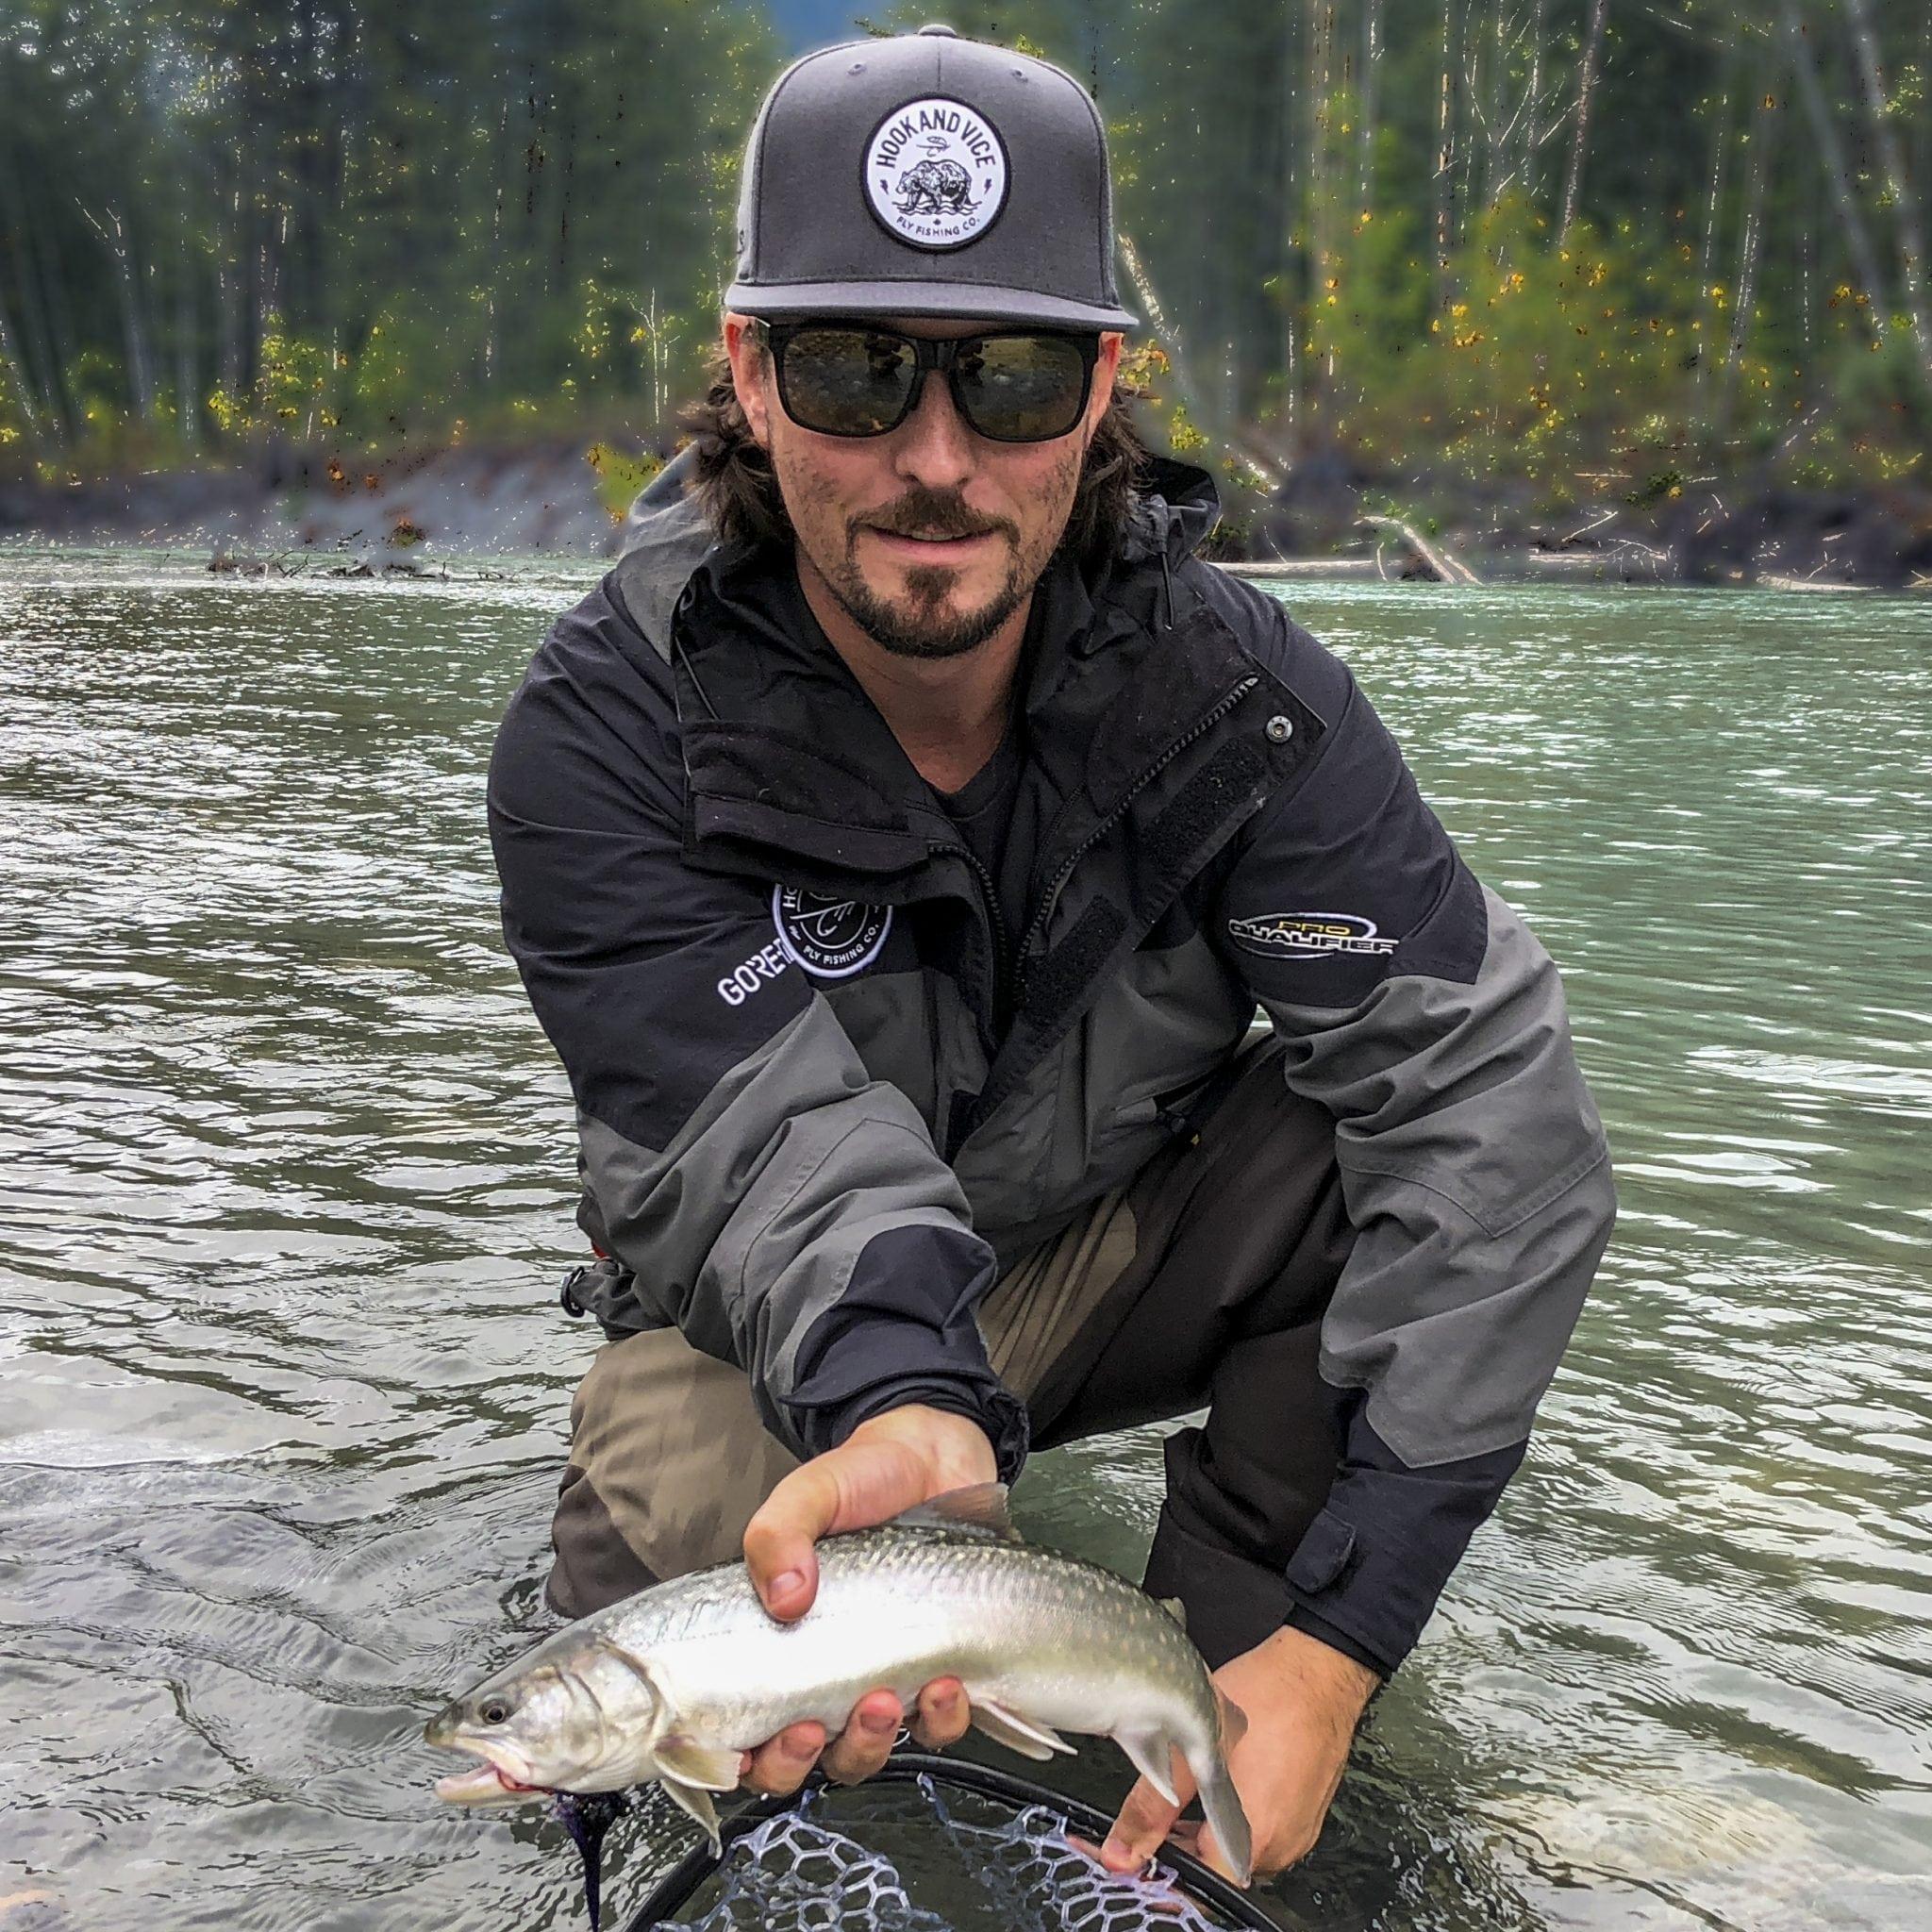 Squamish_River_Fly_Fishing